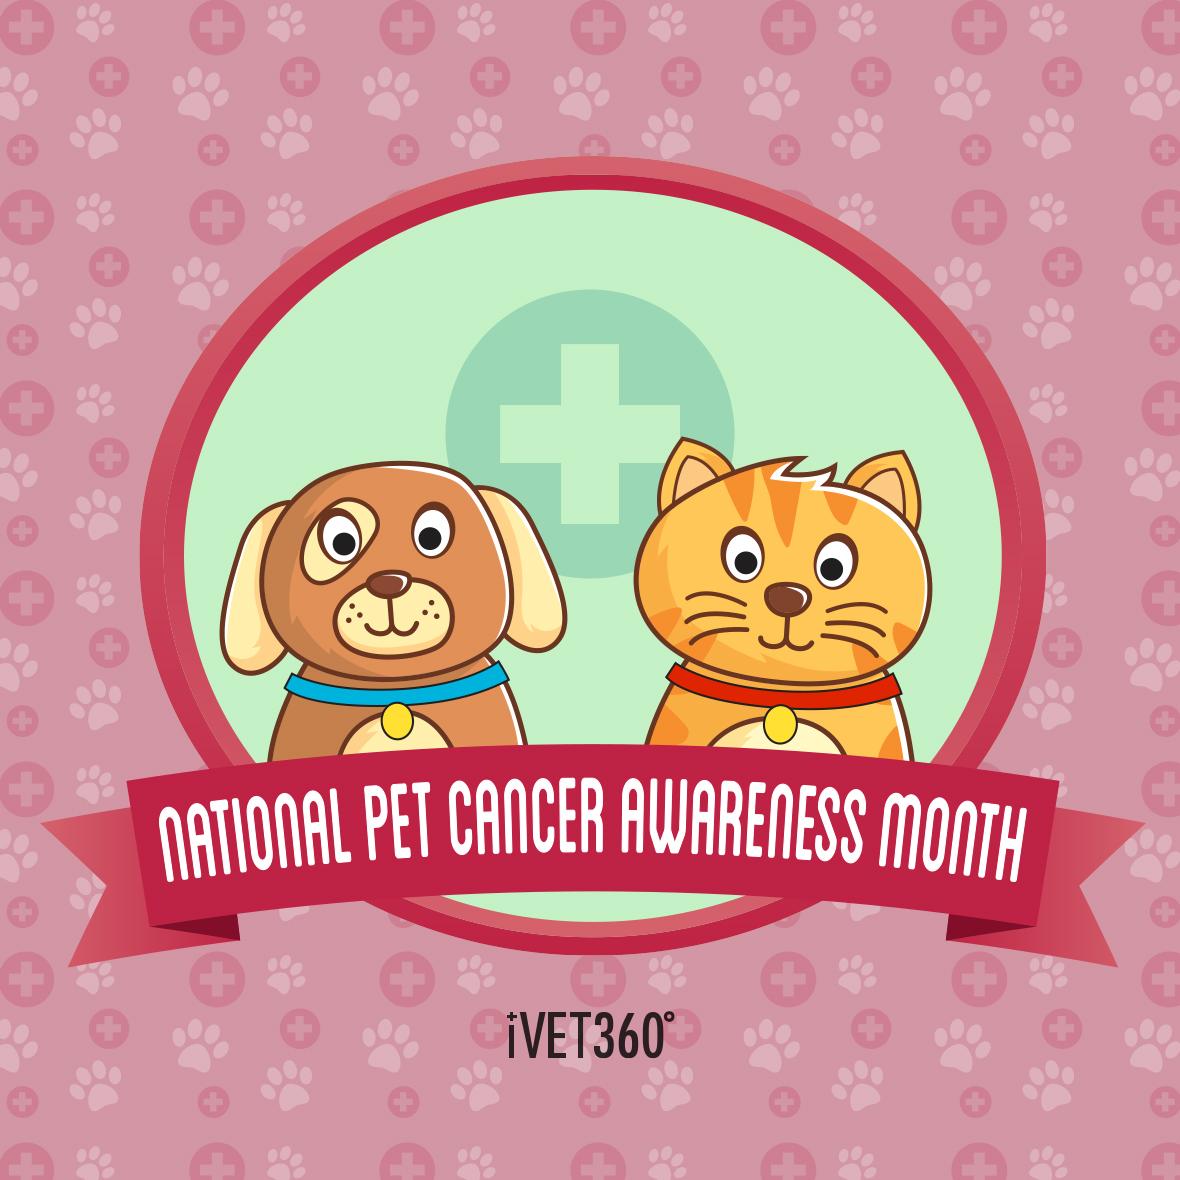 National Pet Cancer Awareness Month